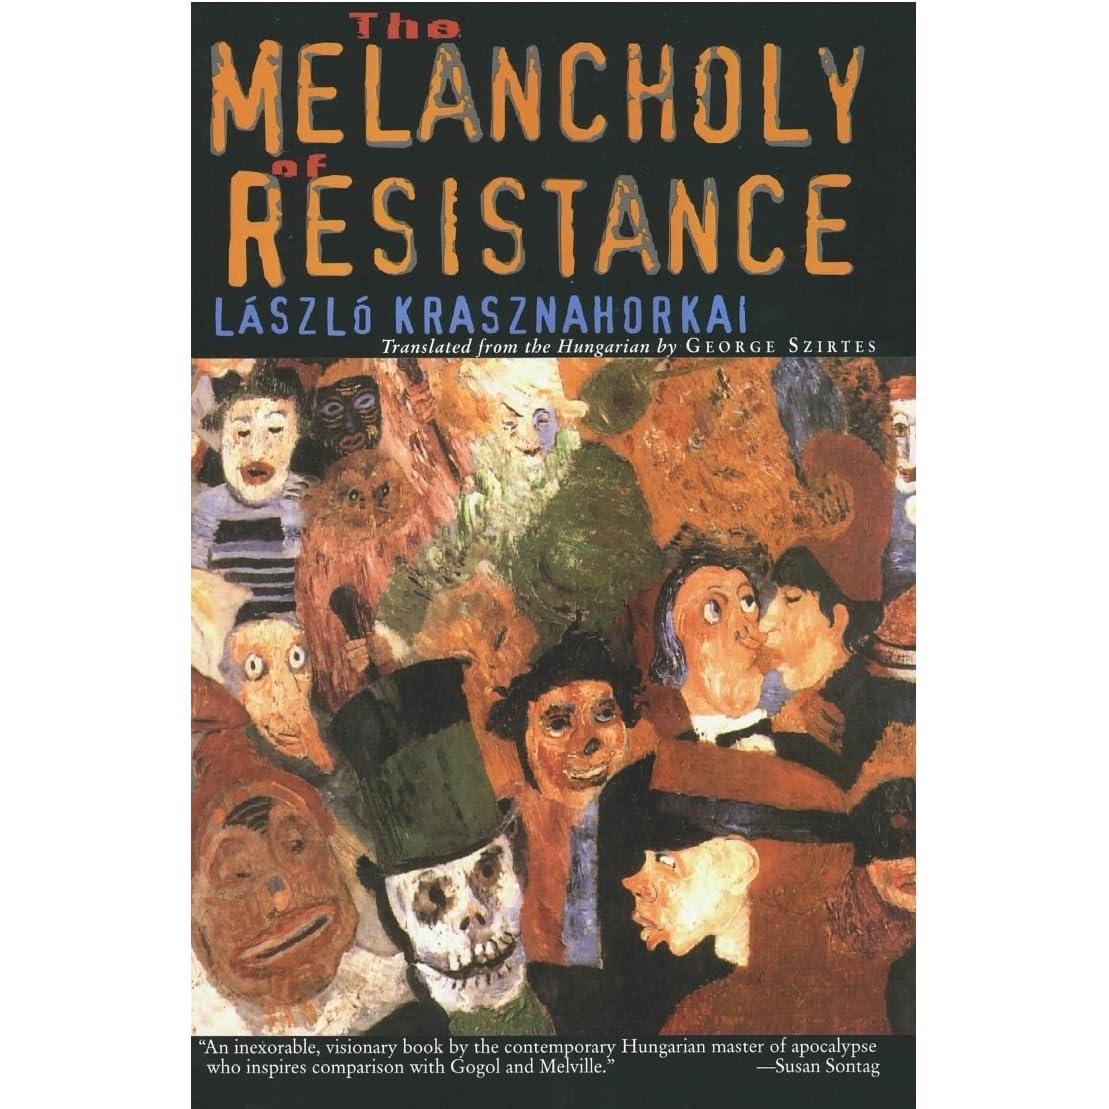 The Melancholy Of Resistance By László Krasznahorkai